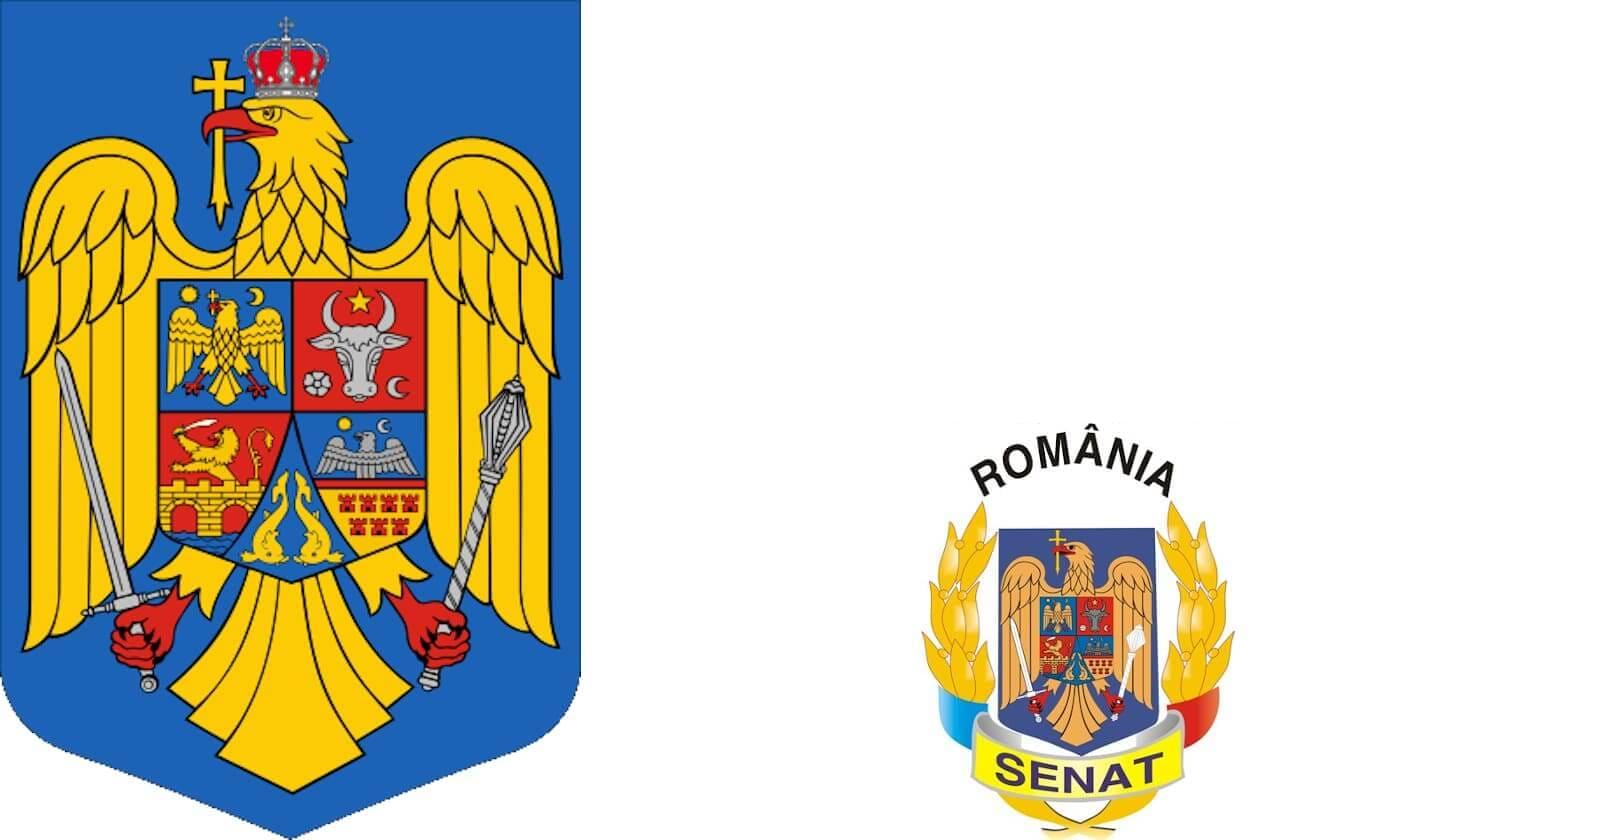 https://ziarul.romania-rationala.ro/control/articole/articole/senatul-romaniei-banner.jpg